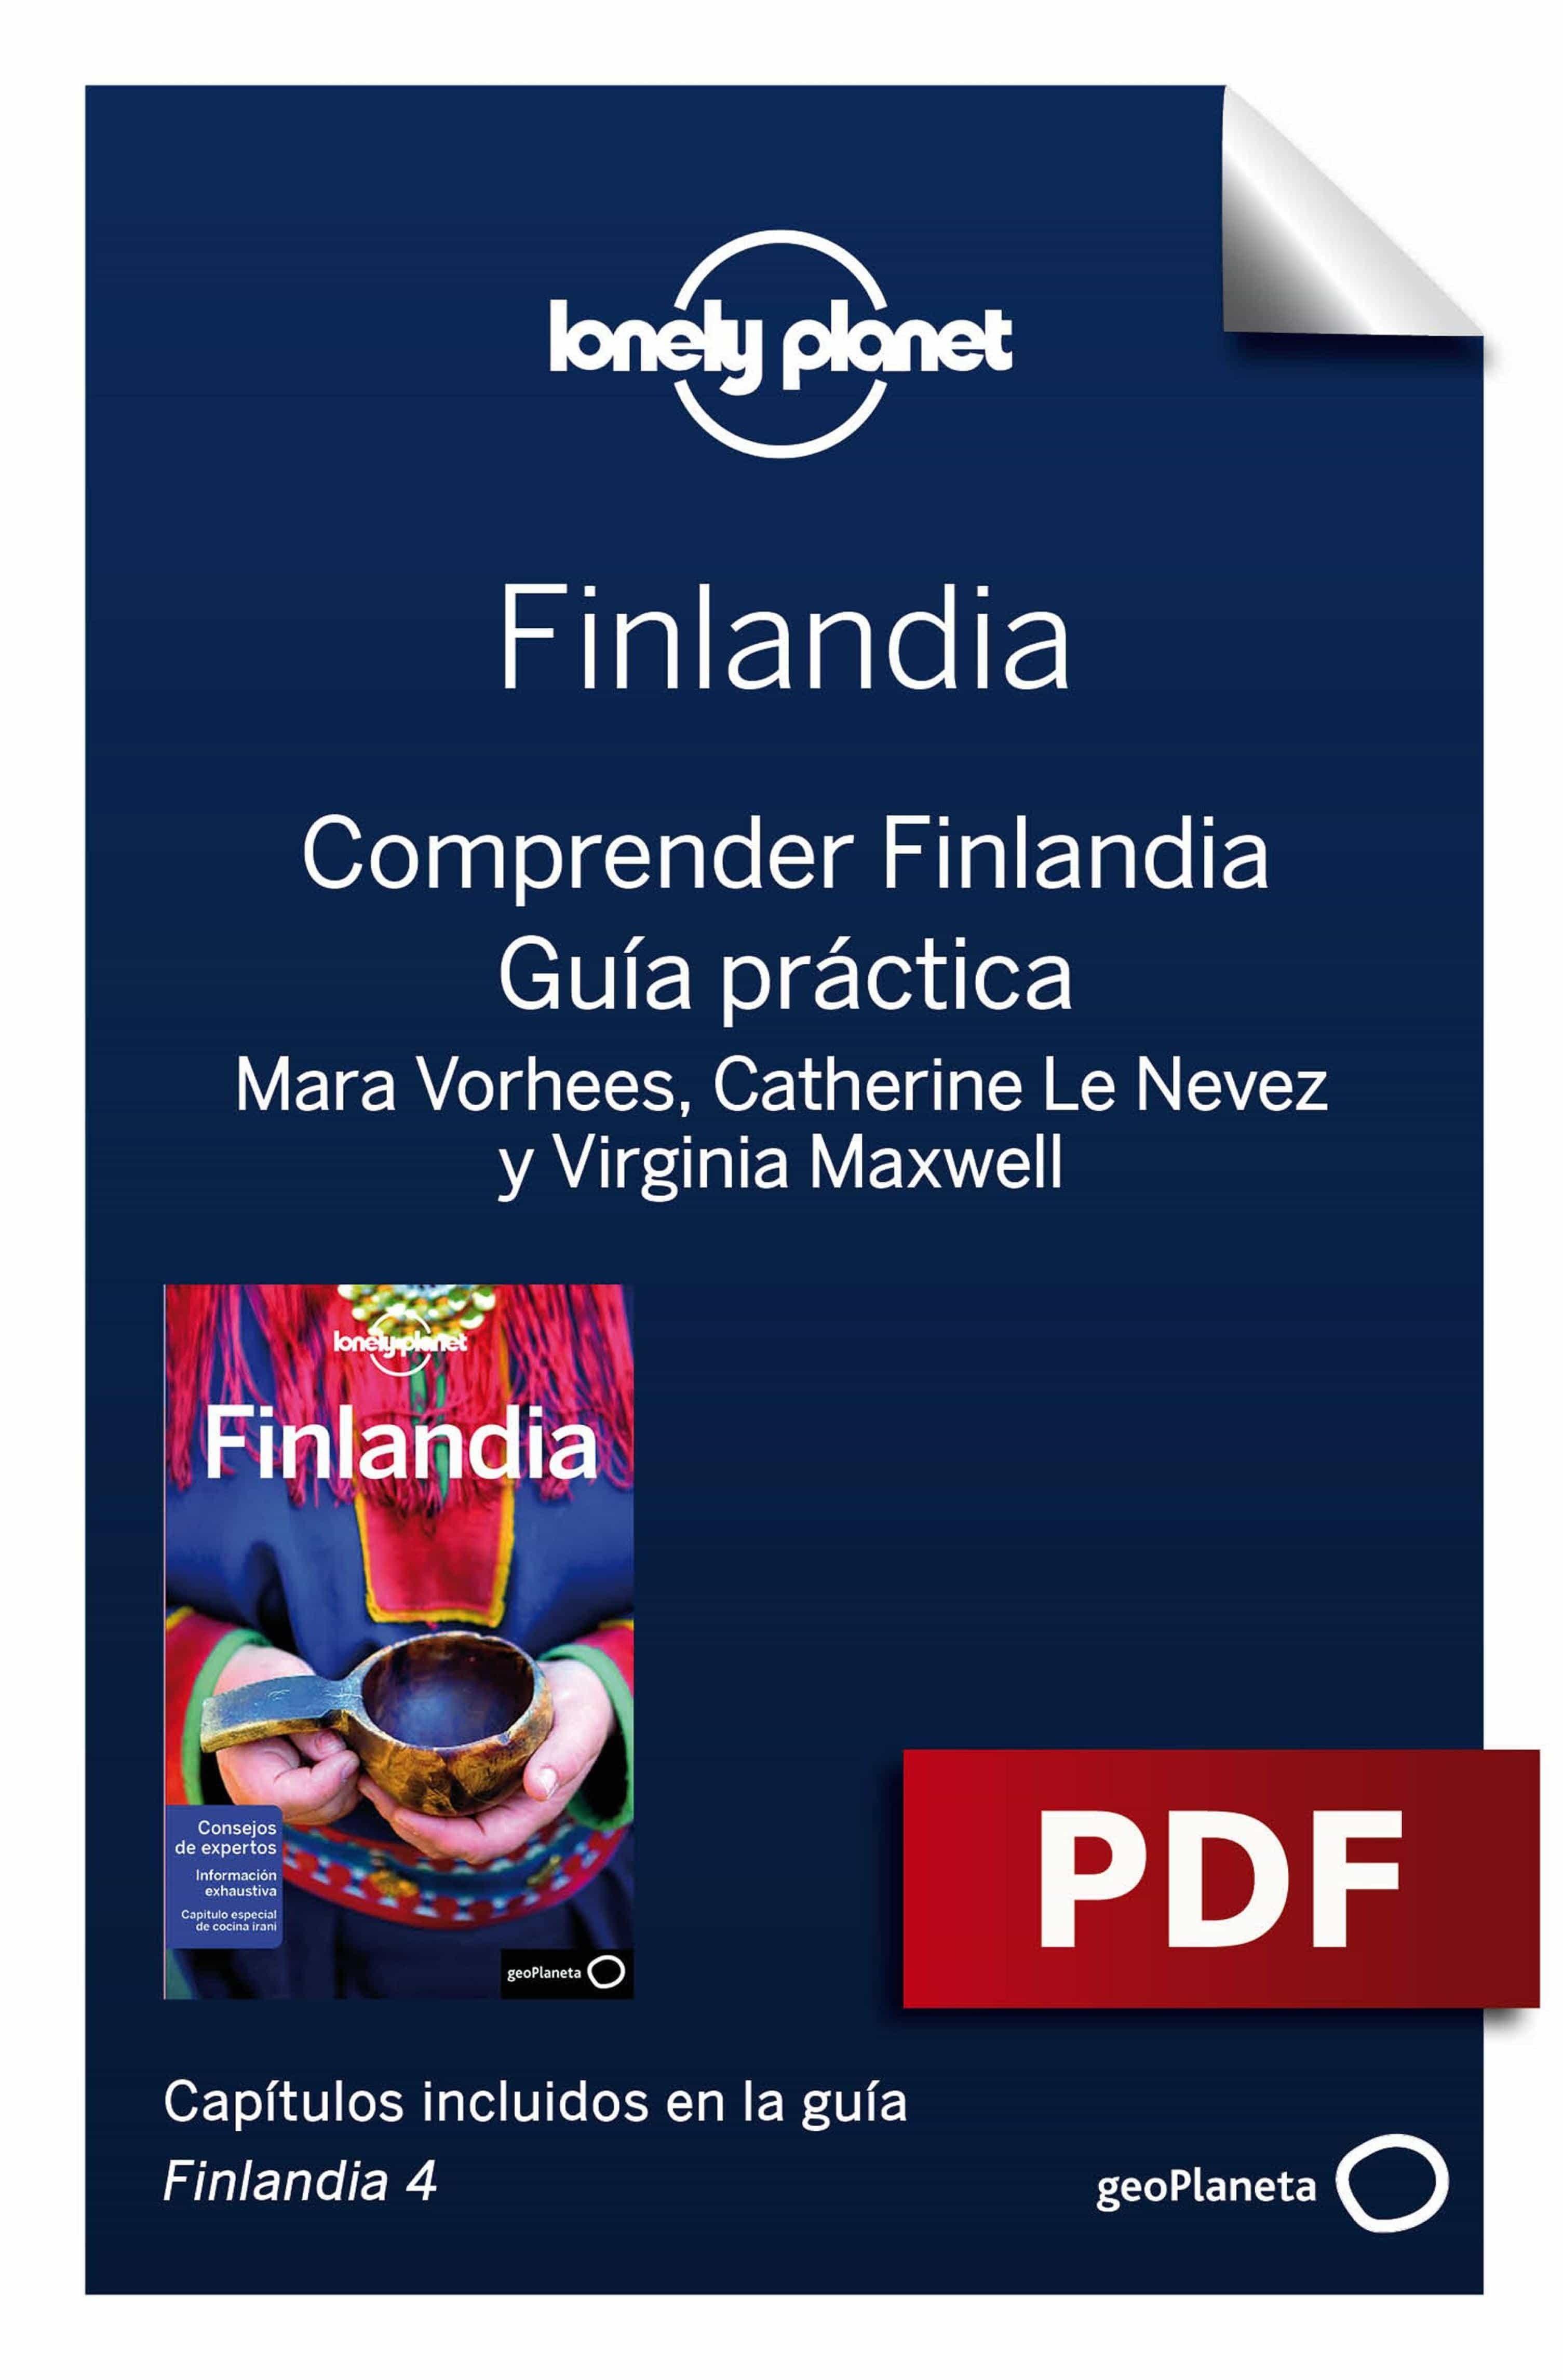 Finlandia 4_11. Comprender Y Guía Práctica   por Vv.aa.